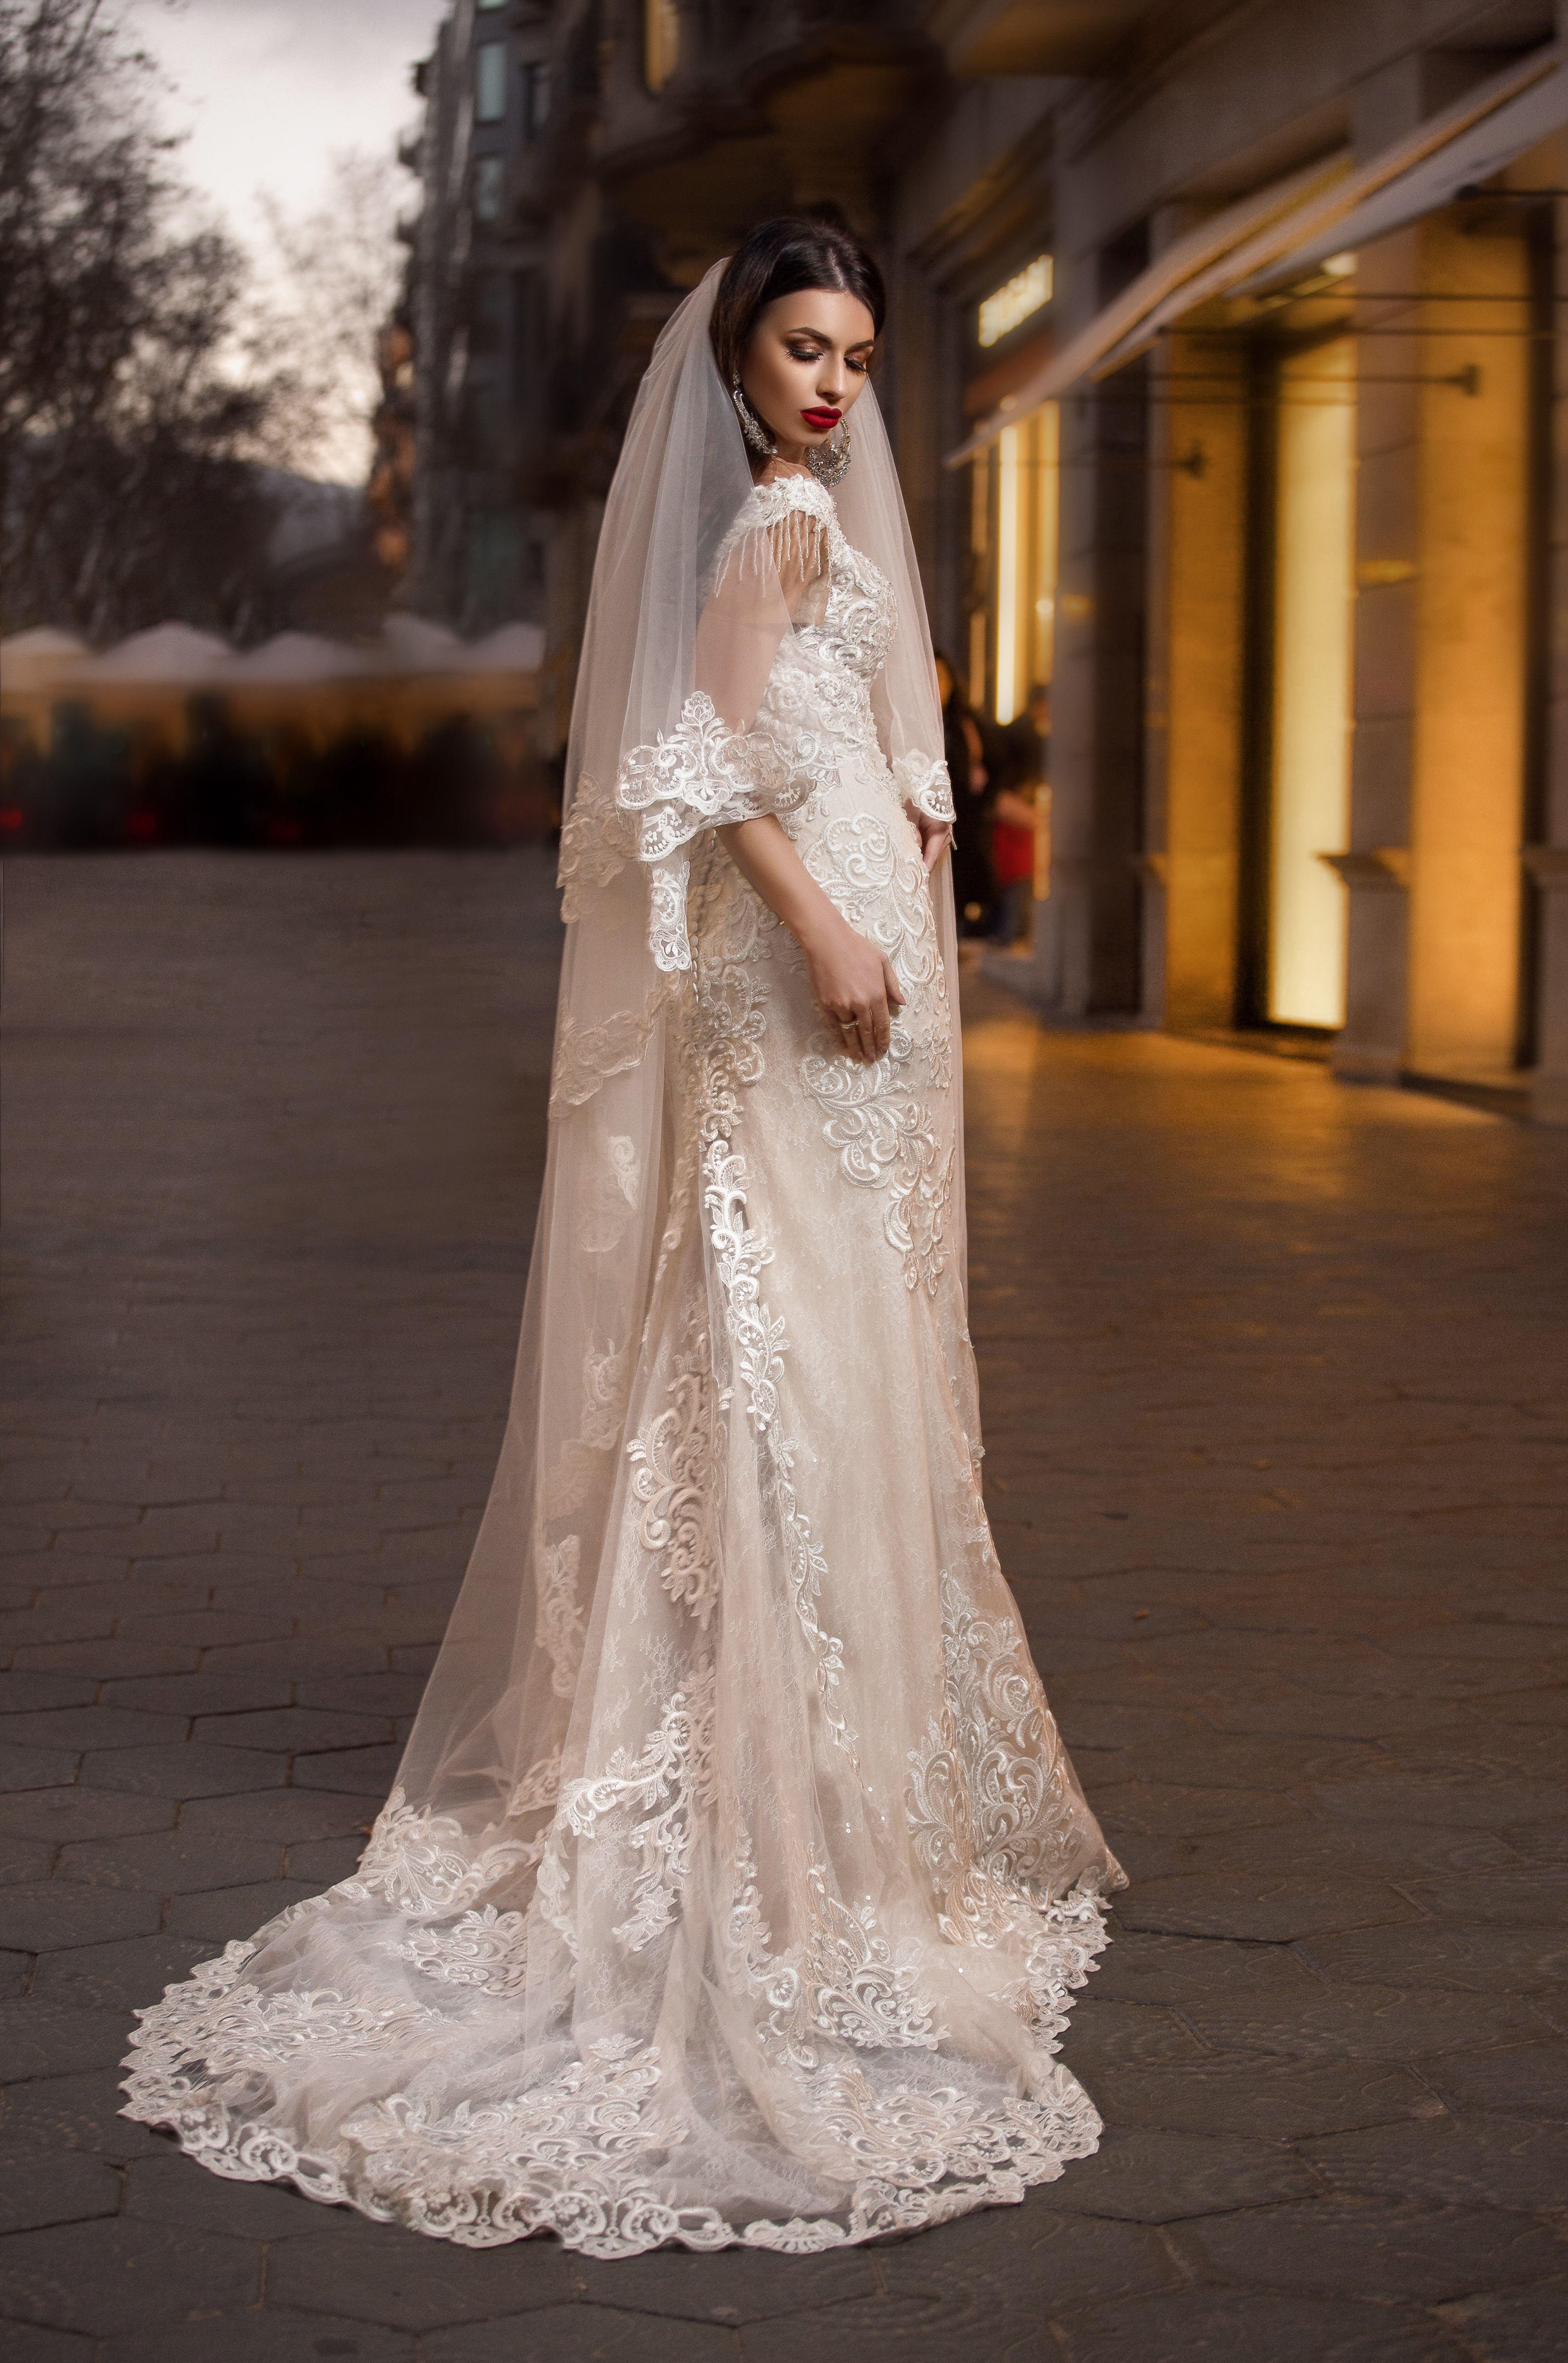 bafde0ca6b8 Свадебное платье Isabel от дома свадебной и вечерной моды Pollardfi Fashion  Group В наличии свадебные платья